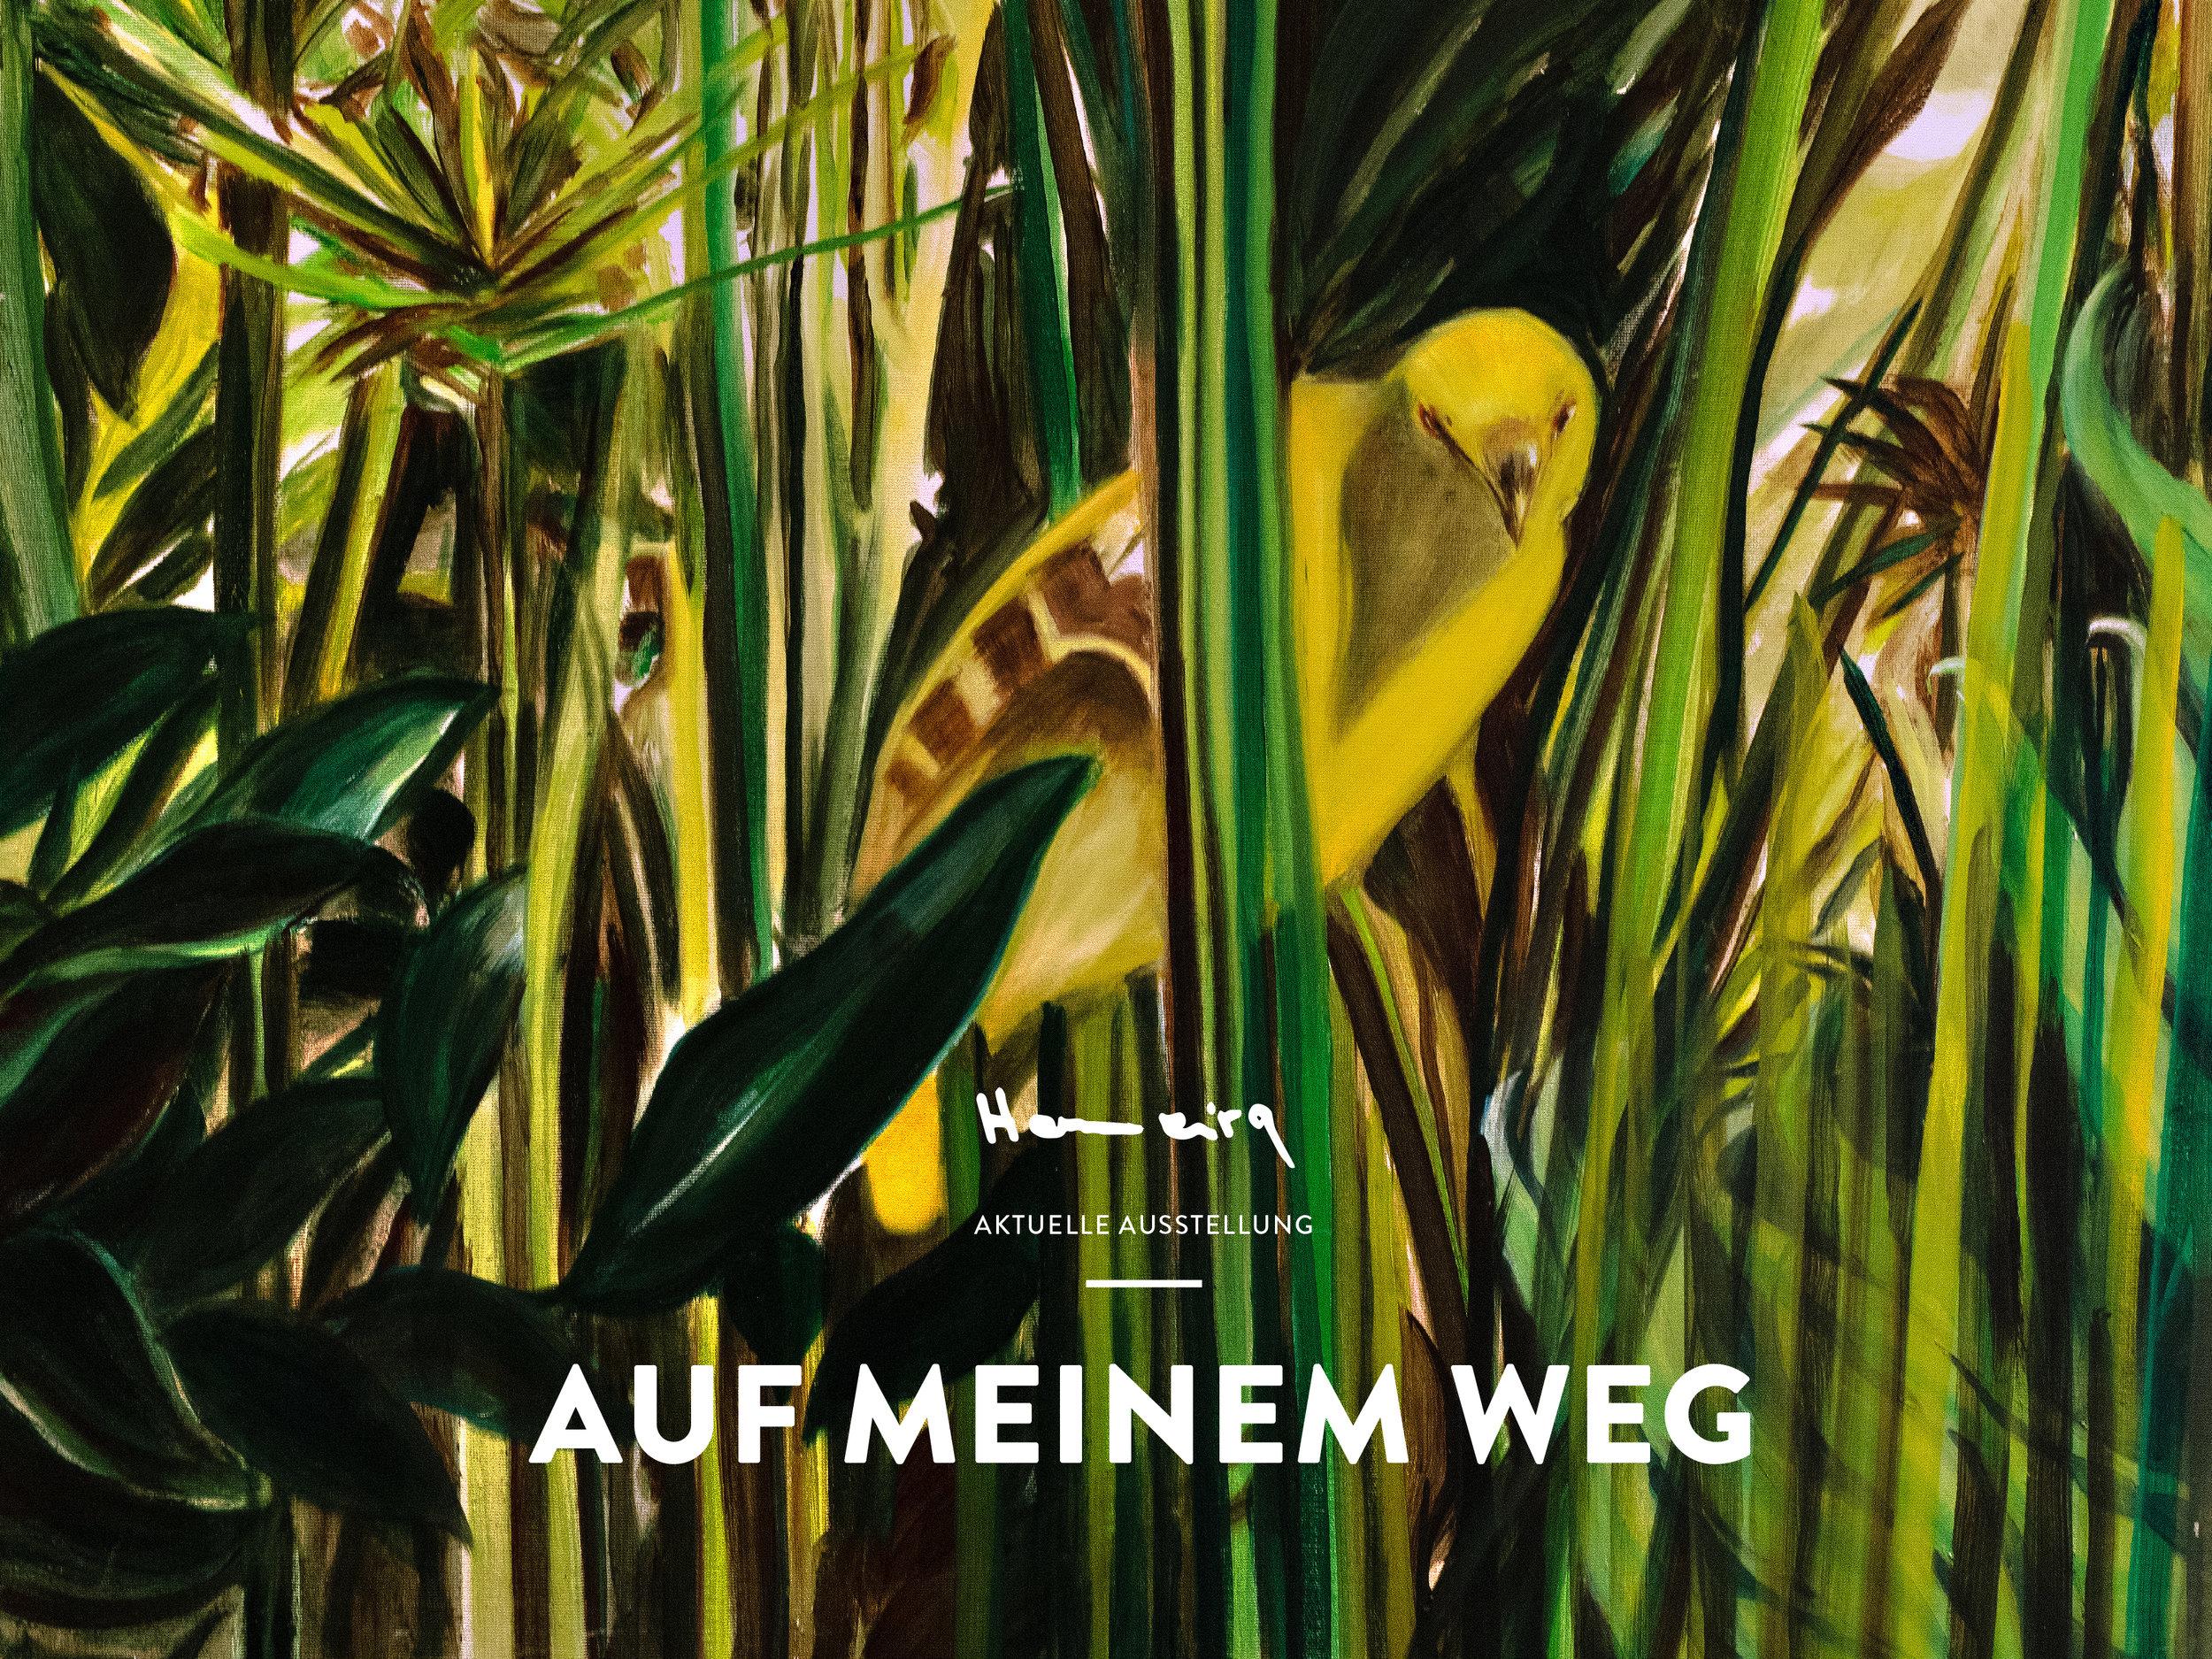 """Aktuelle Ausstellung, """"AUF MEINEM WEG"""""""